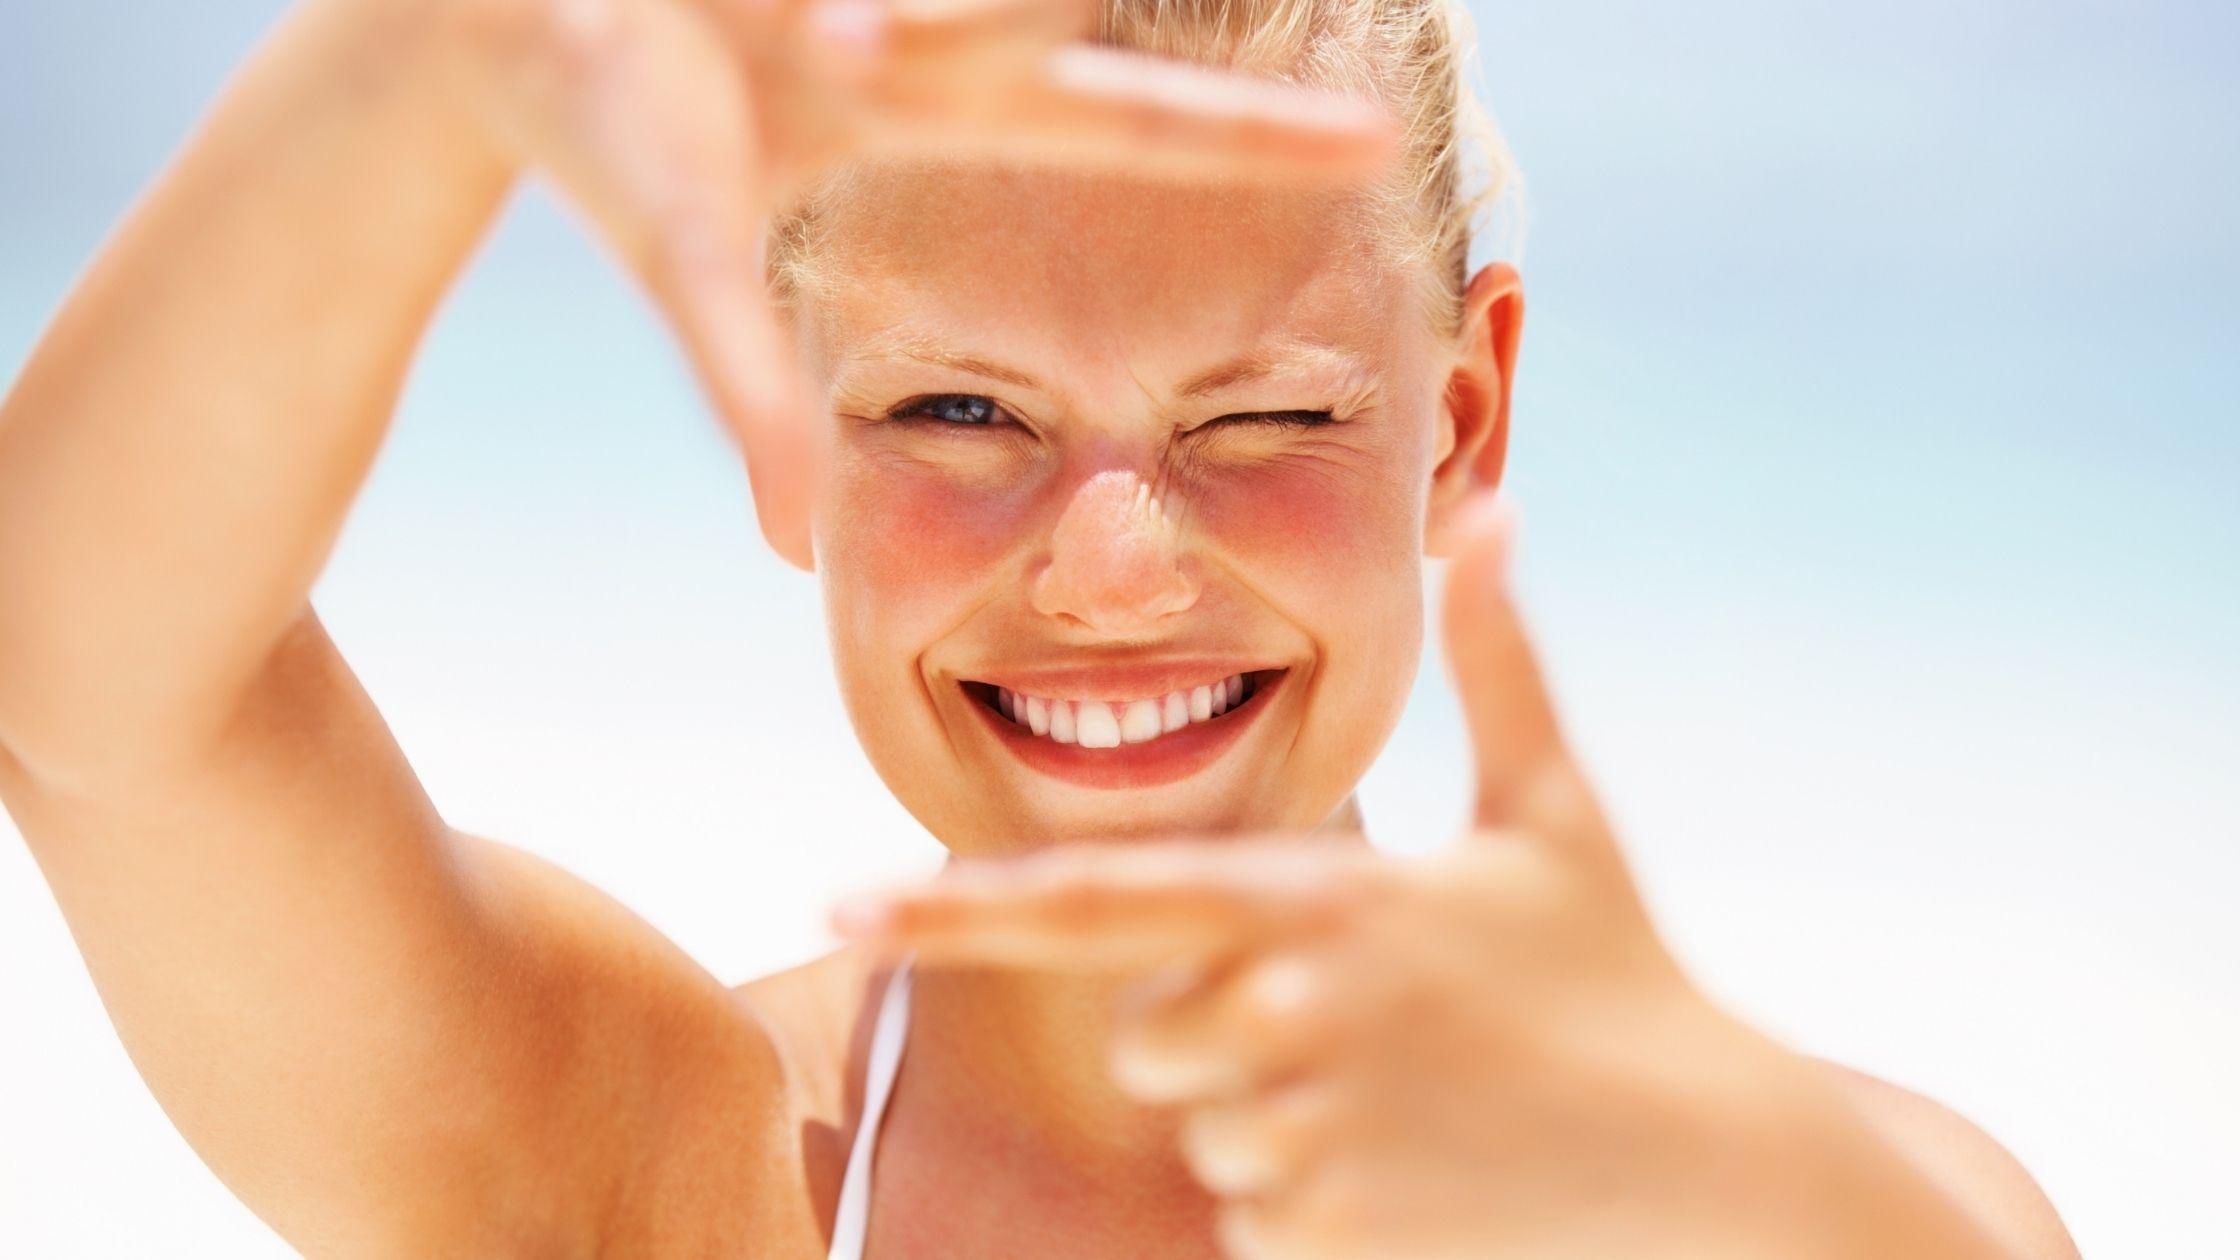 The Best Summer Skin Routine